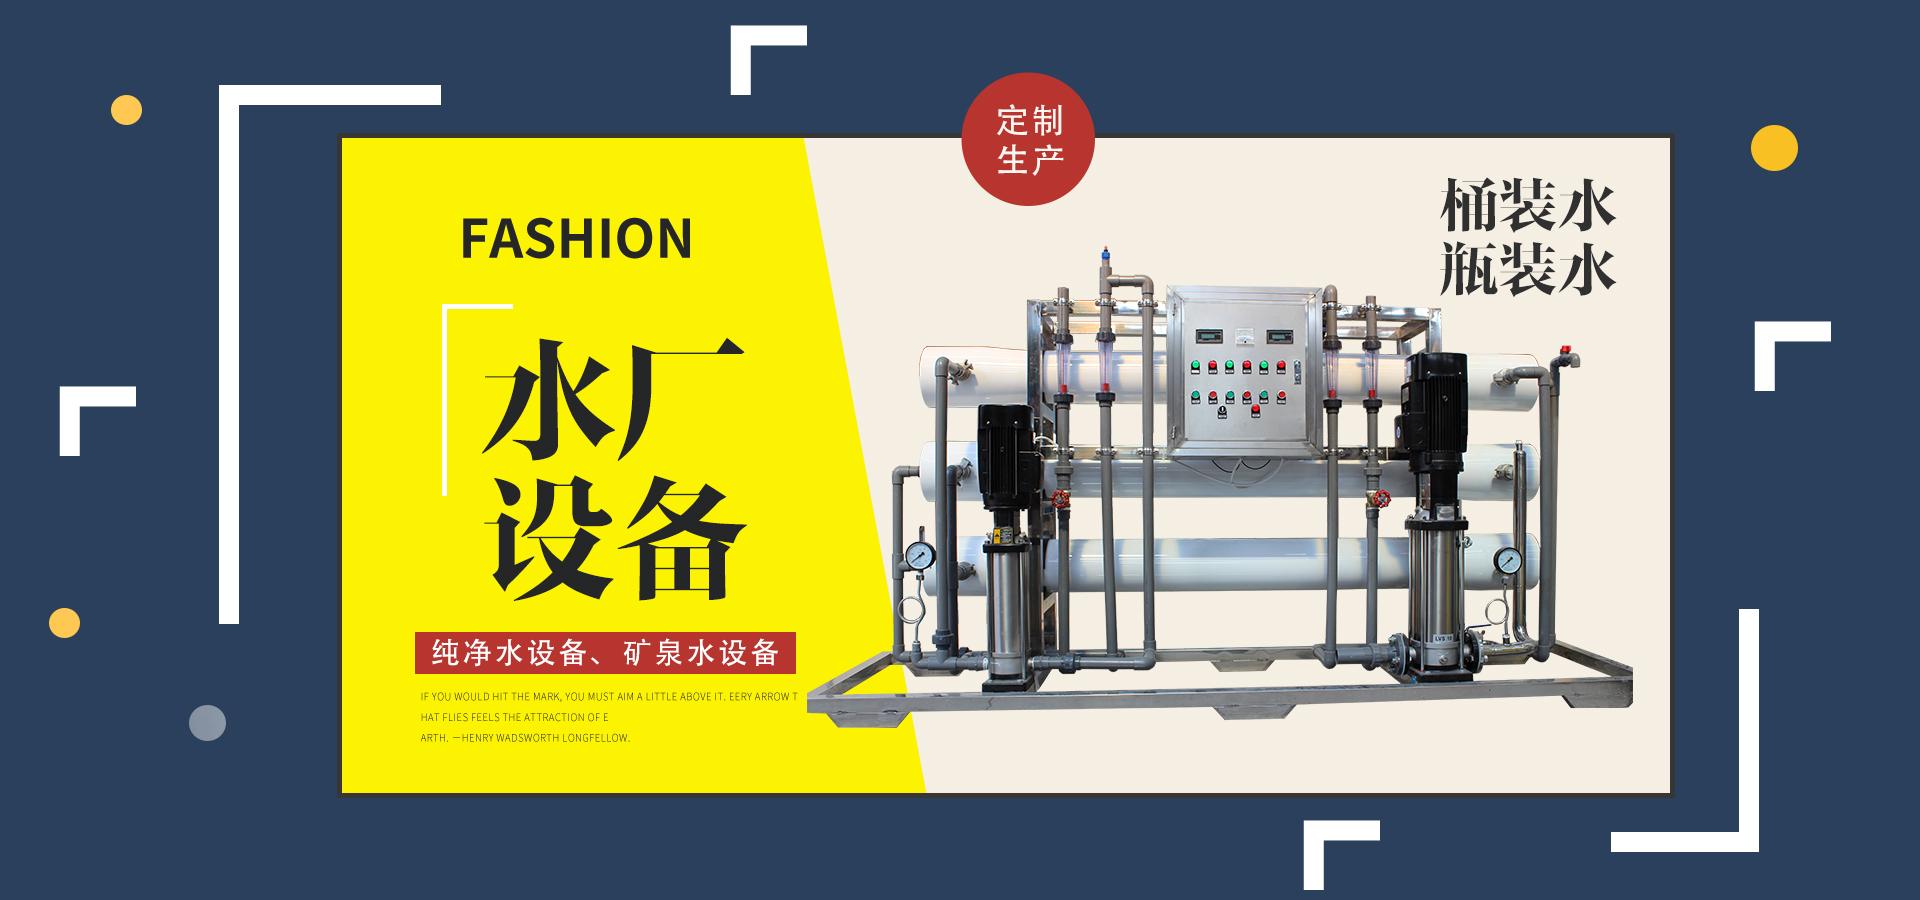 水厂设备生产厂家(桶装水设备、瓶装水设备、袋装水设备)